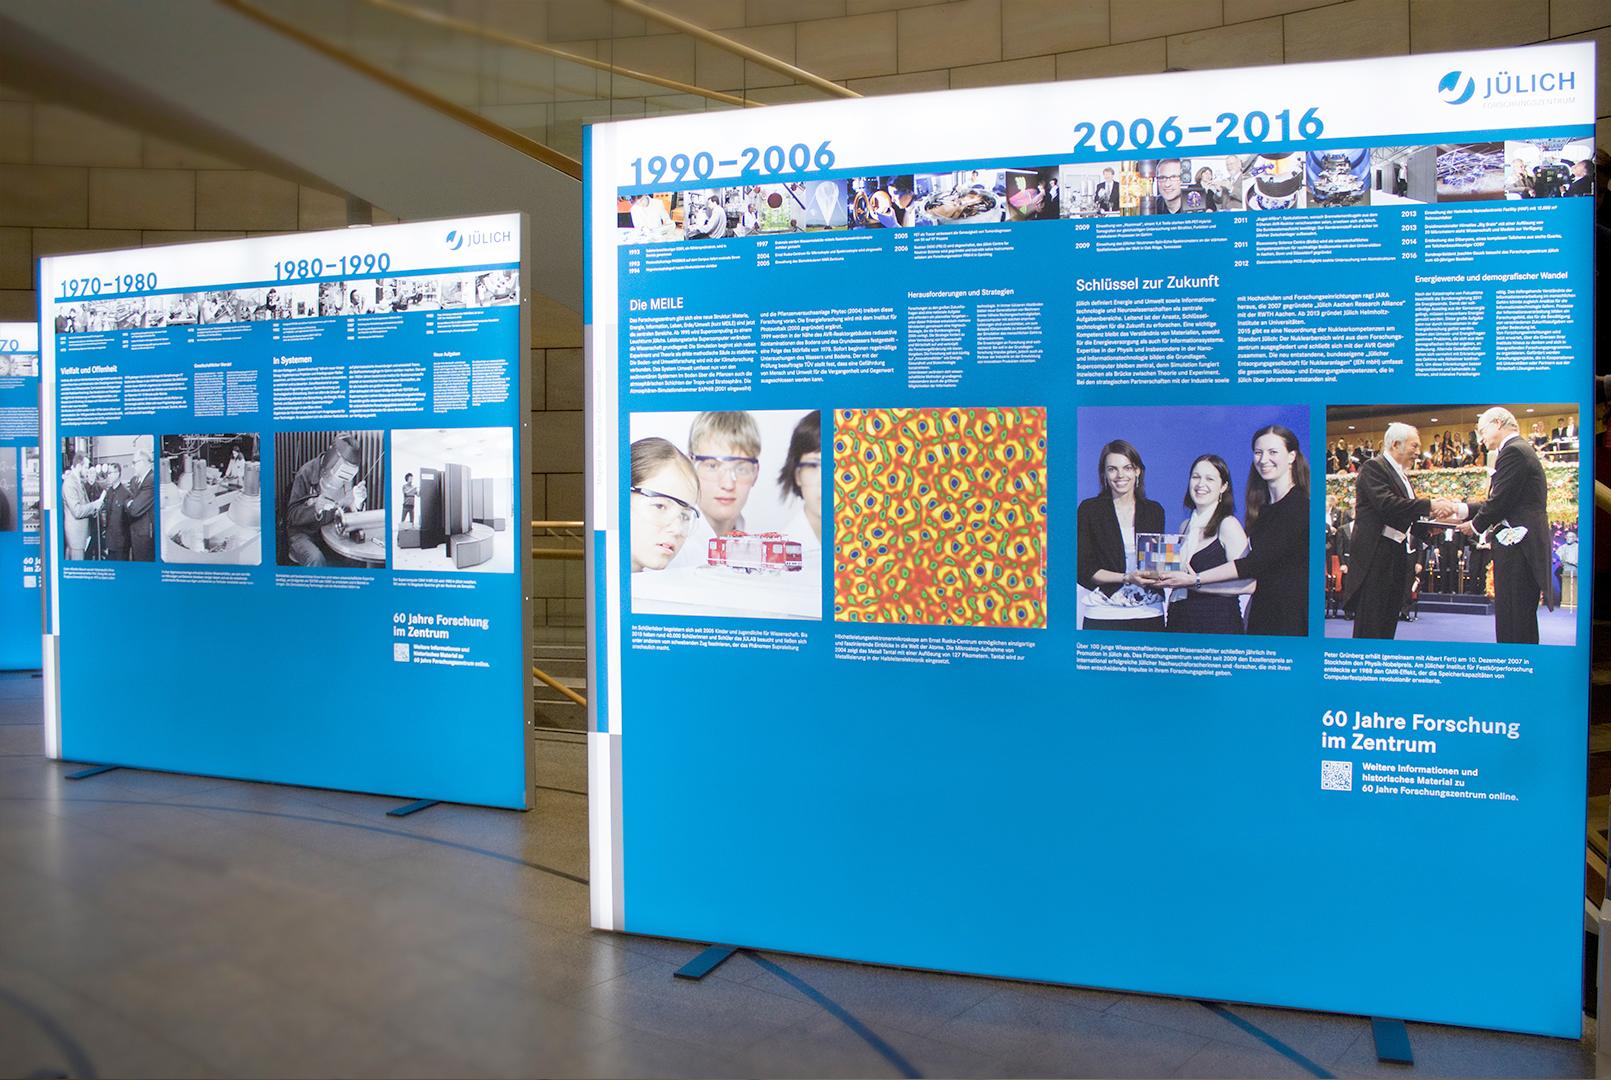 Forschungszentrum-Jülich-Landtag-05.jpg